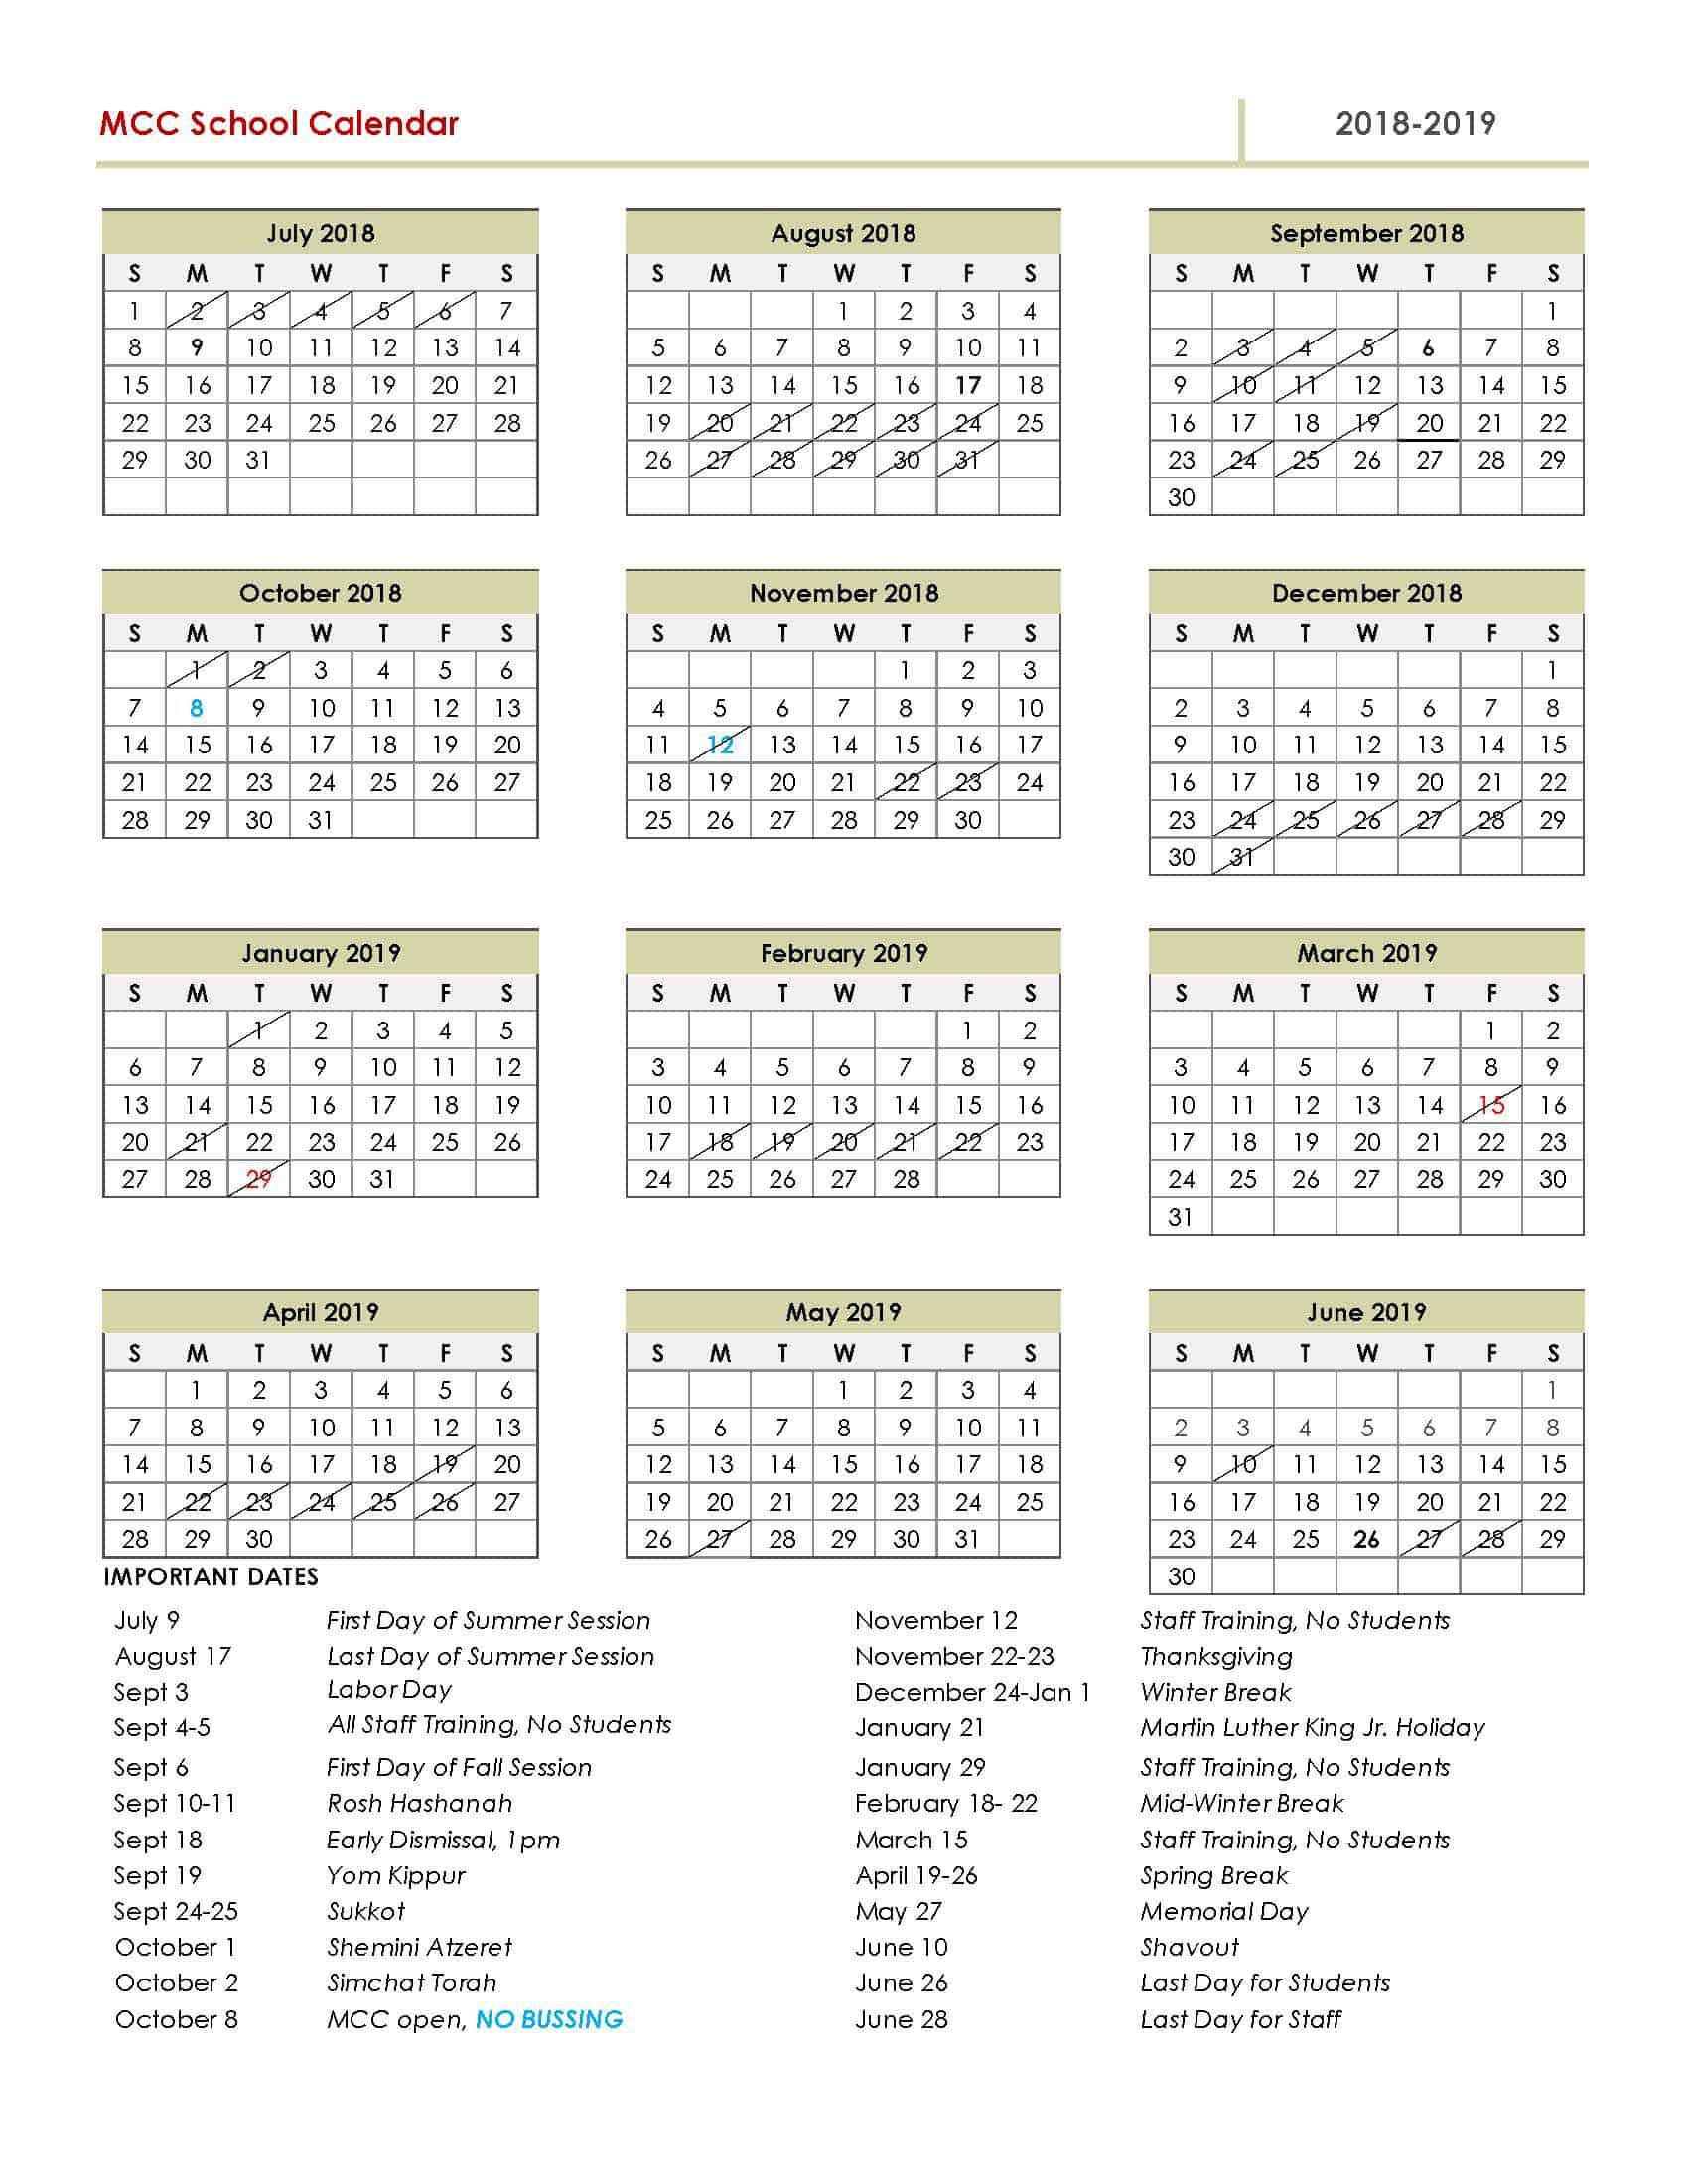 download full 2018 2019 calendar